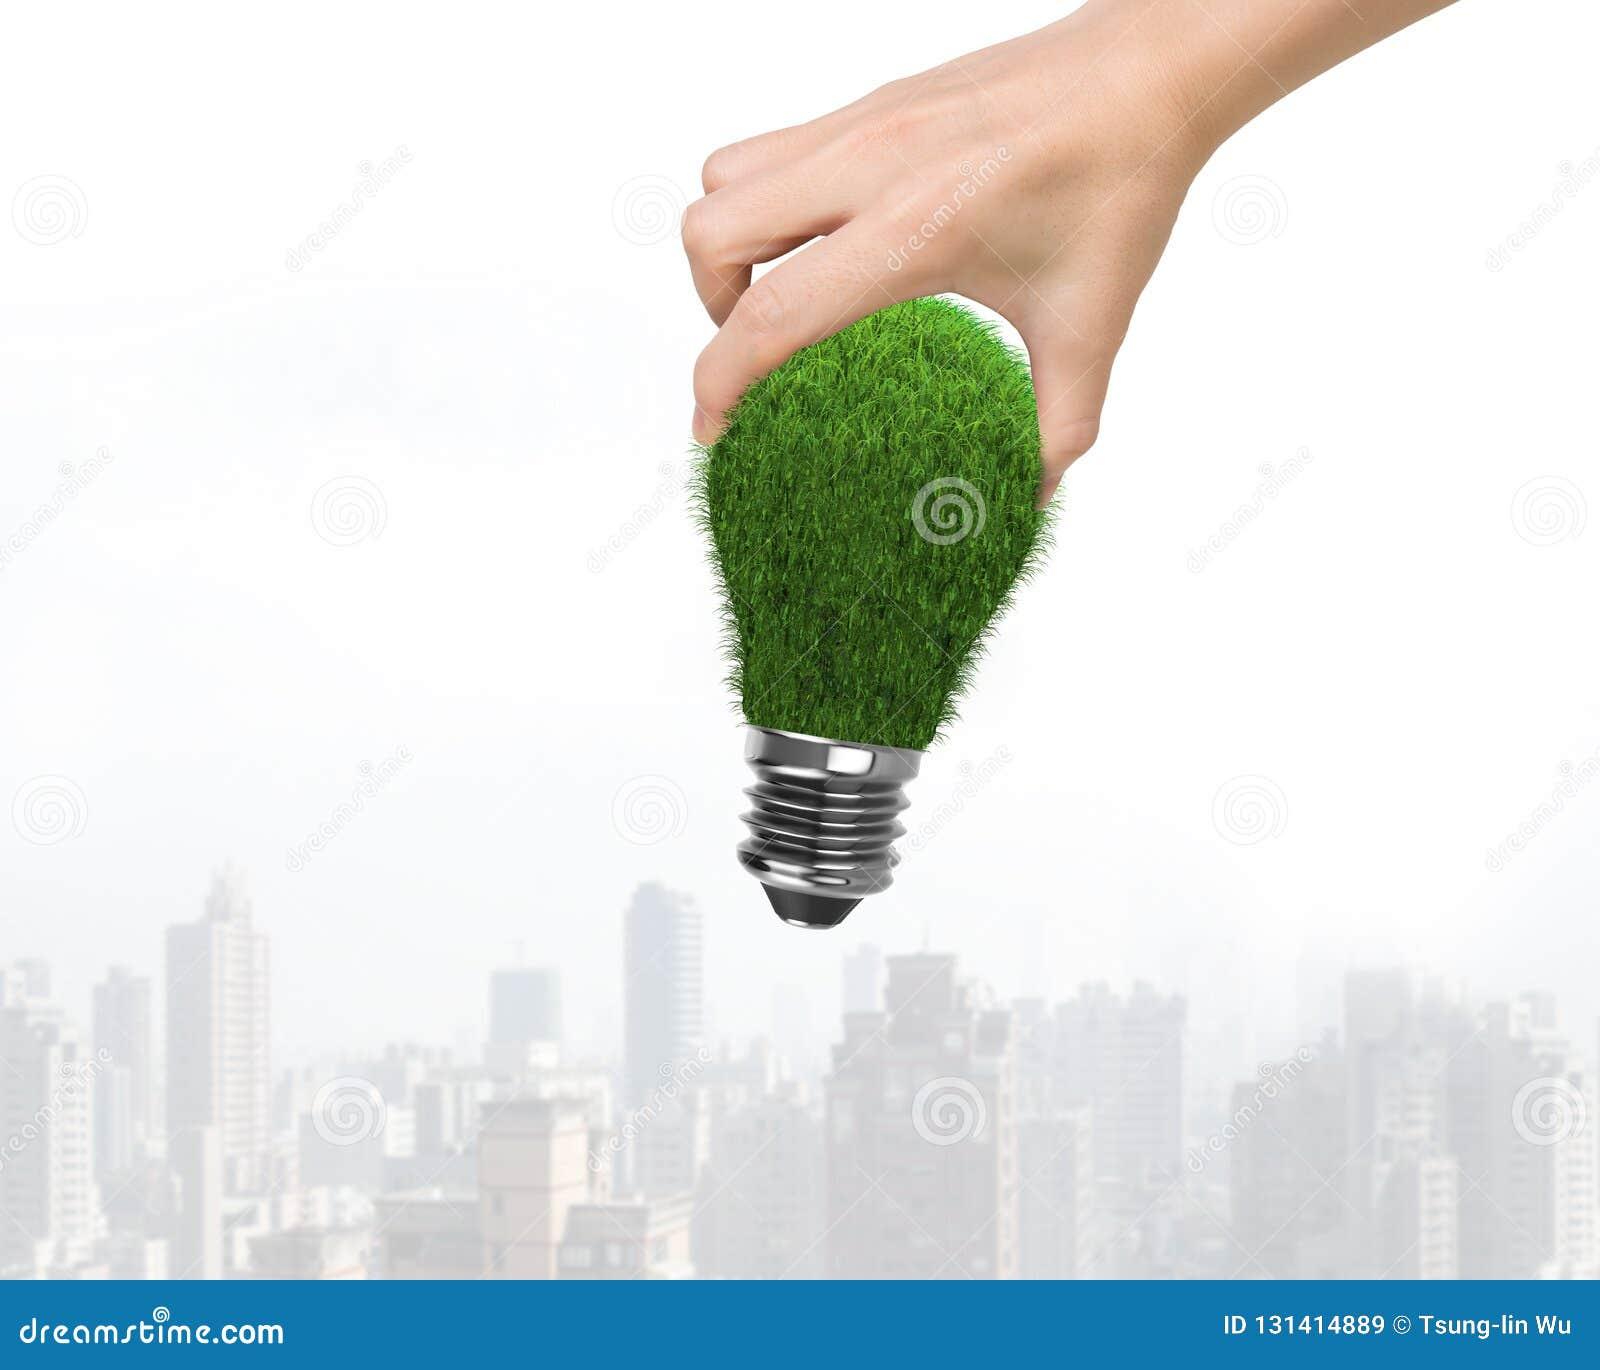 Mano de la mujer que sostiene una bombilla con la hierba verde, en los rascacielos fondo, concepto de ECO y energía verde de los